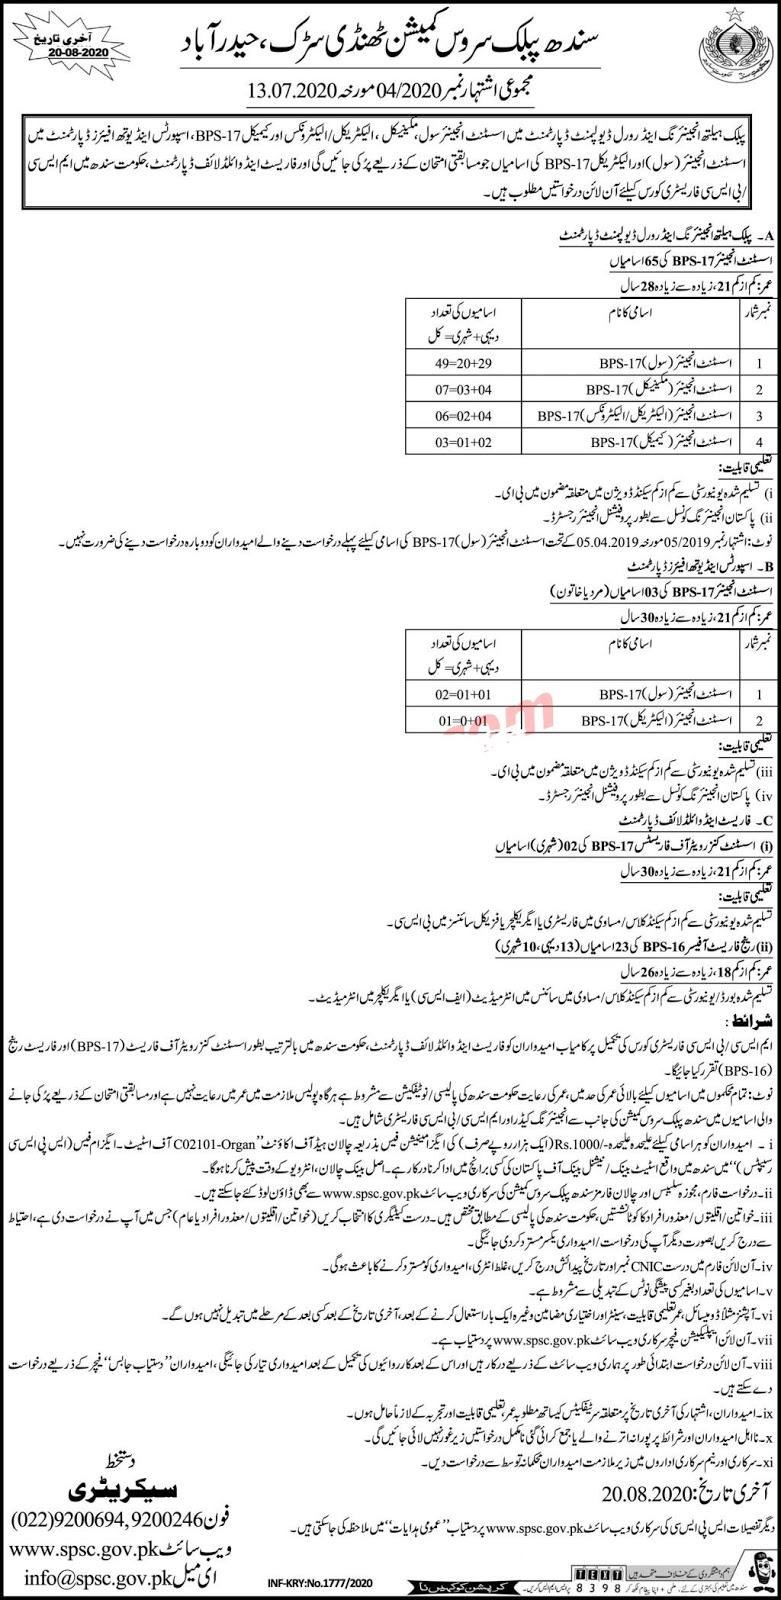 SPSC Jobs Advertisement 2020 | Sindh Public Service Commission